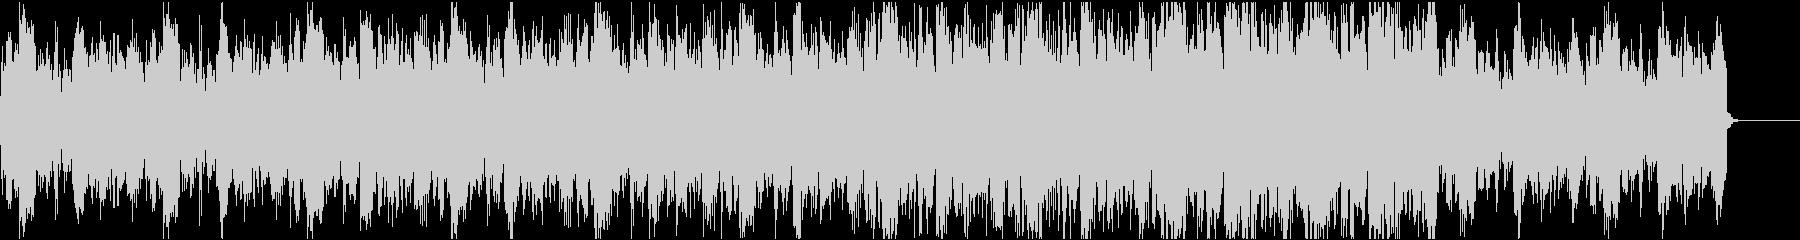 ニュース29 16bit48kHzVerの未再生の波形